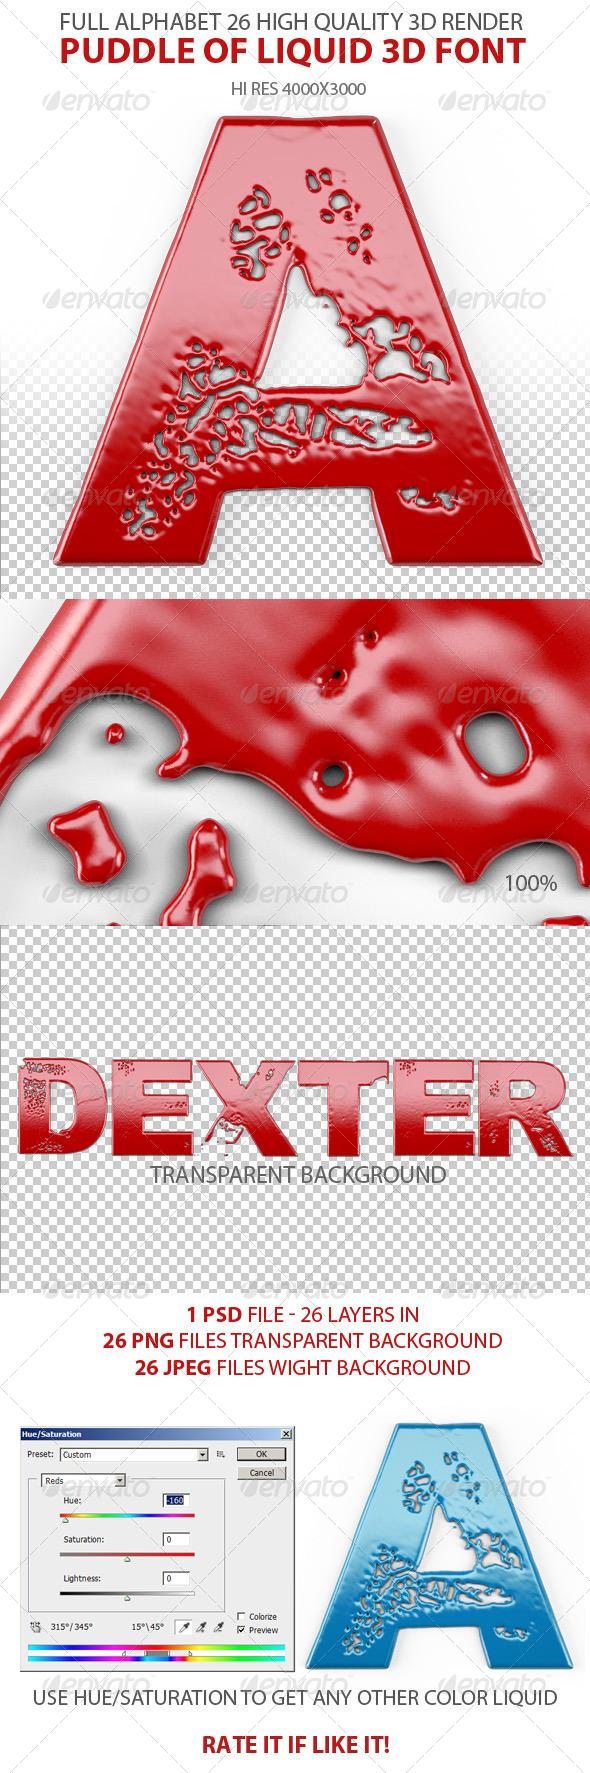 Liquid 3d Font - Text 3D Renders